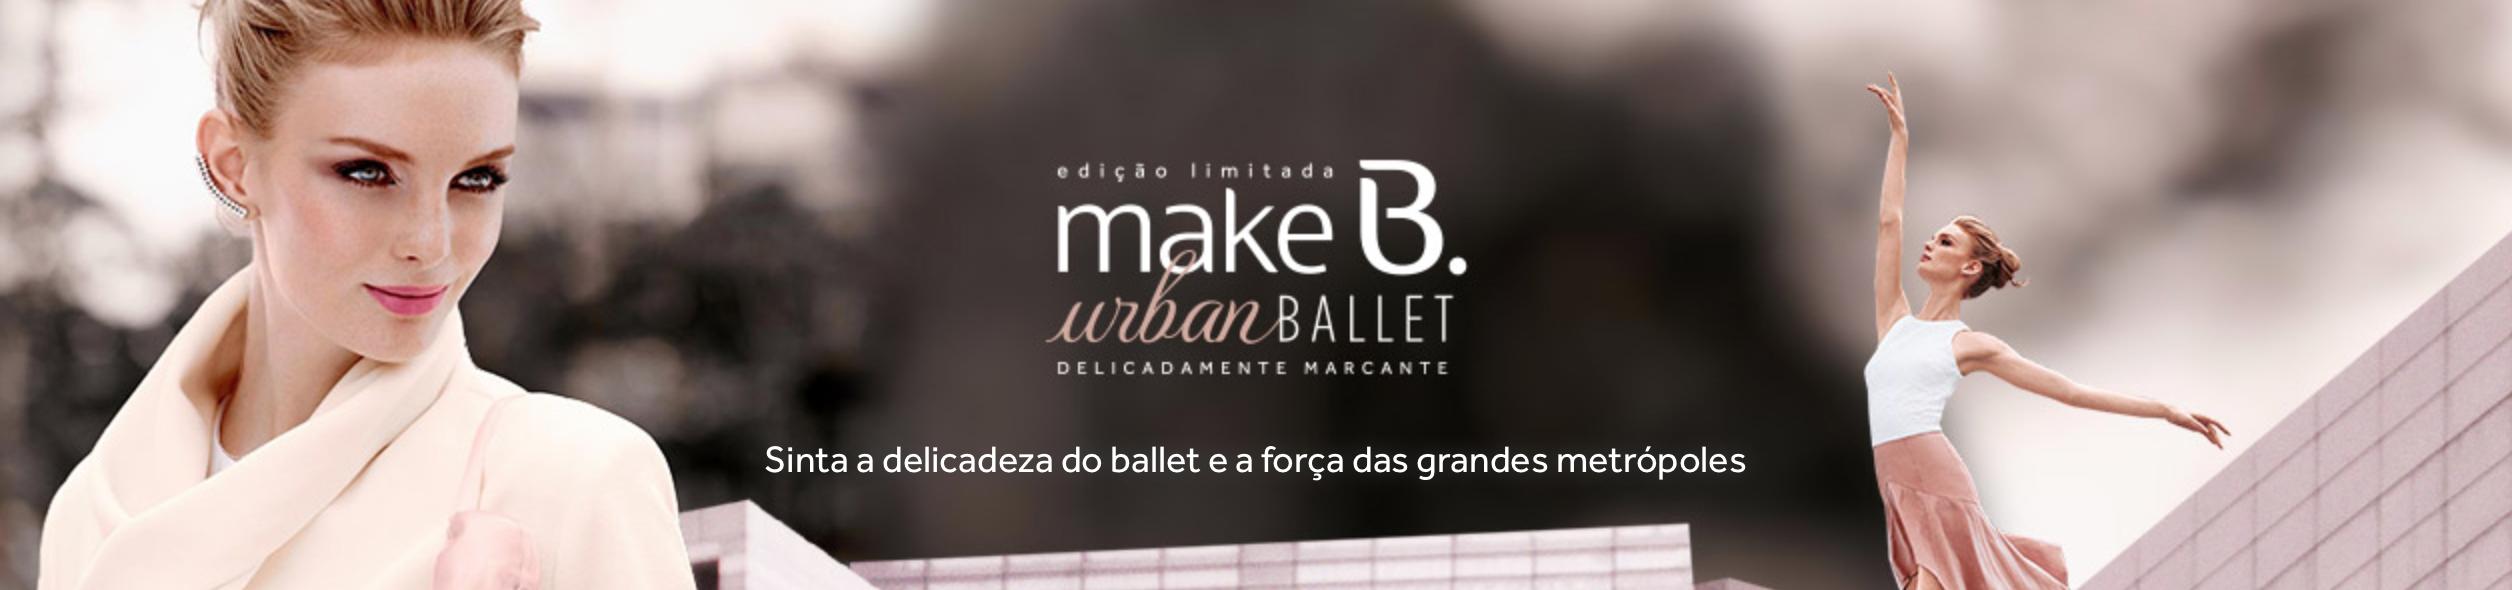 coleção make b urban ballet o boticario 1